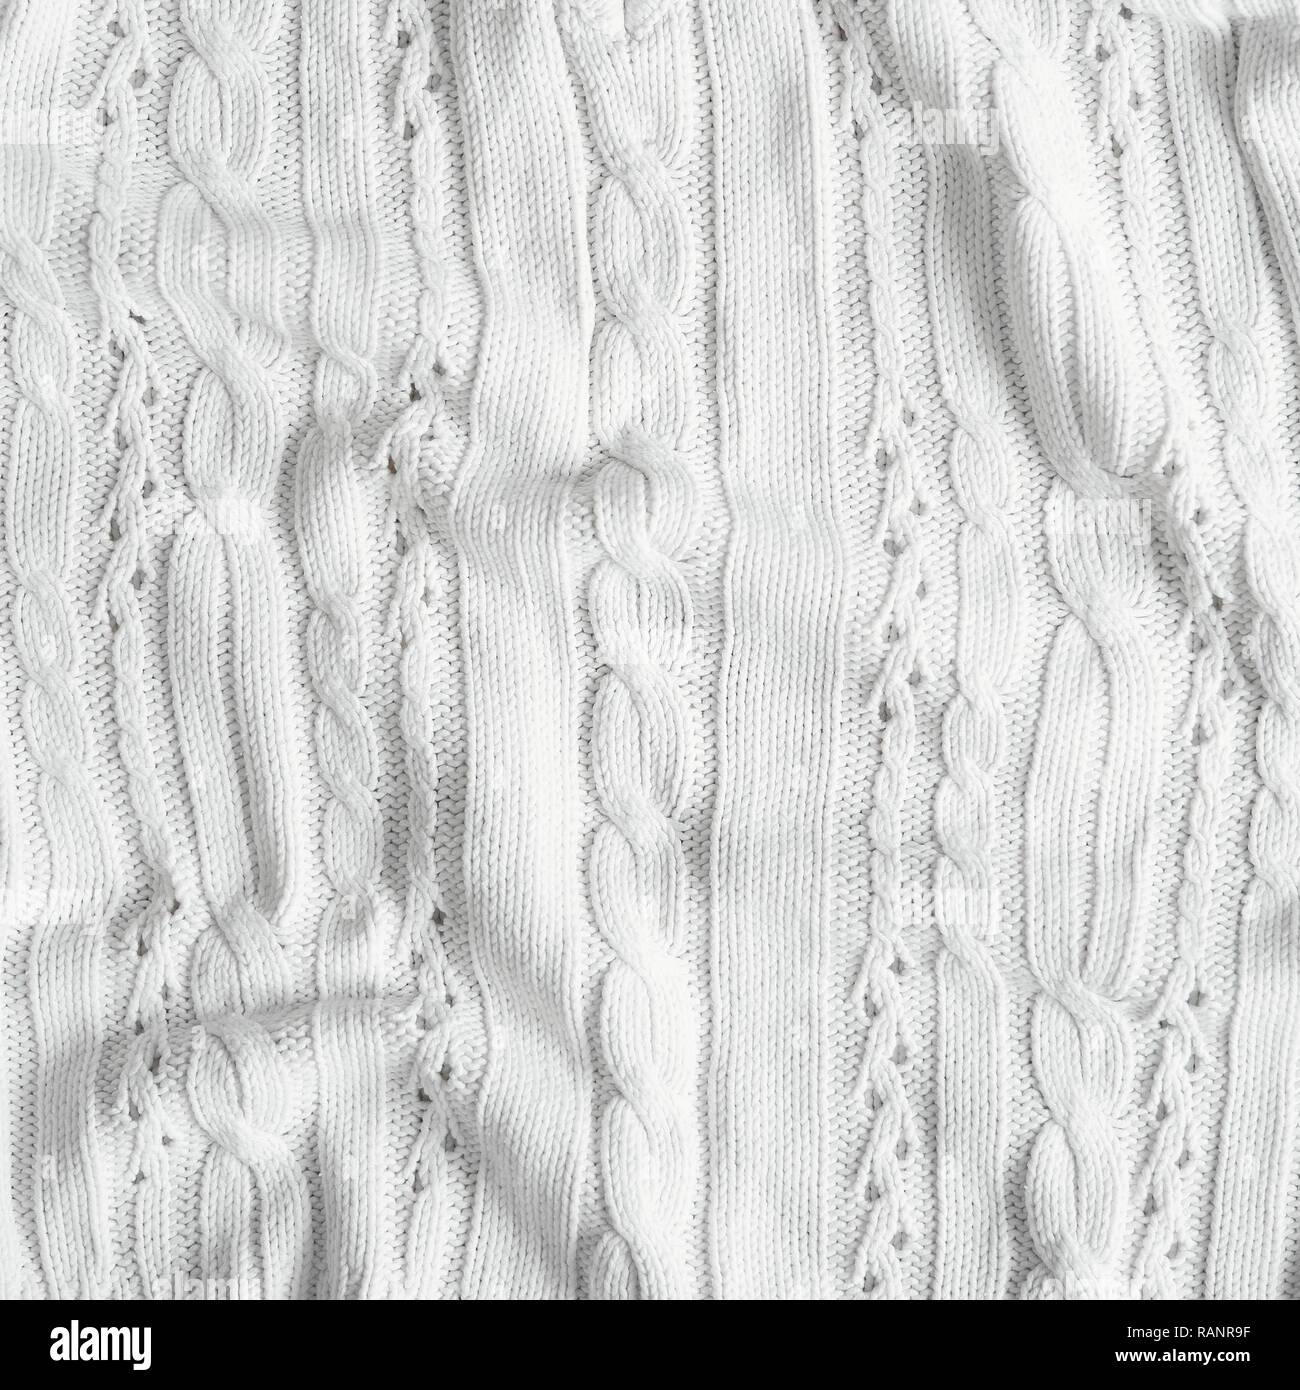 Bianco Avorio Tessuto A Maglia Texture Maglione Di Lana Fatti A